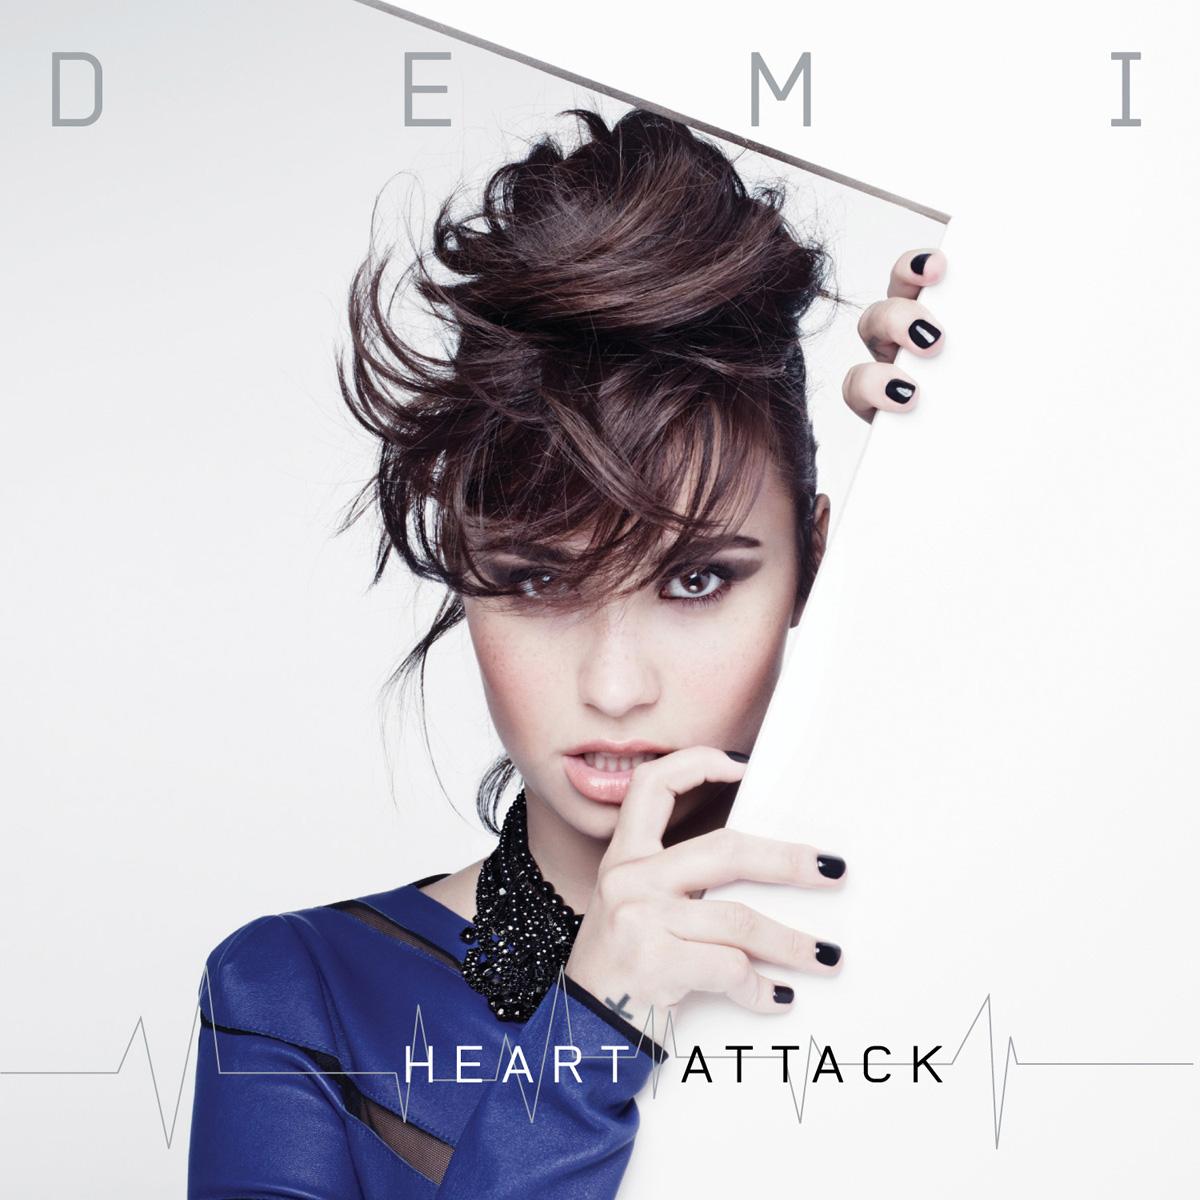 http://1.bp.blogspot.com/-Ndd8WBjcdcM/USt6i_RQ30I/AAAAAAAATX8/5ov4KQpQrVU/s1600/Demi+Lovato+-+Heart+Attack.jpg